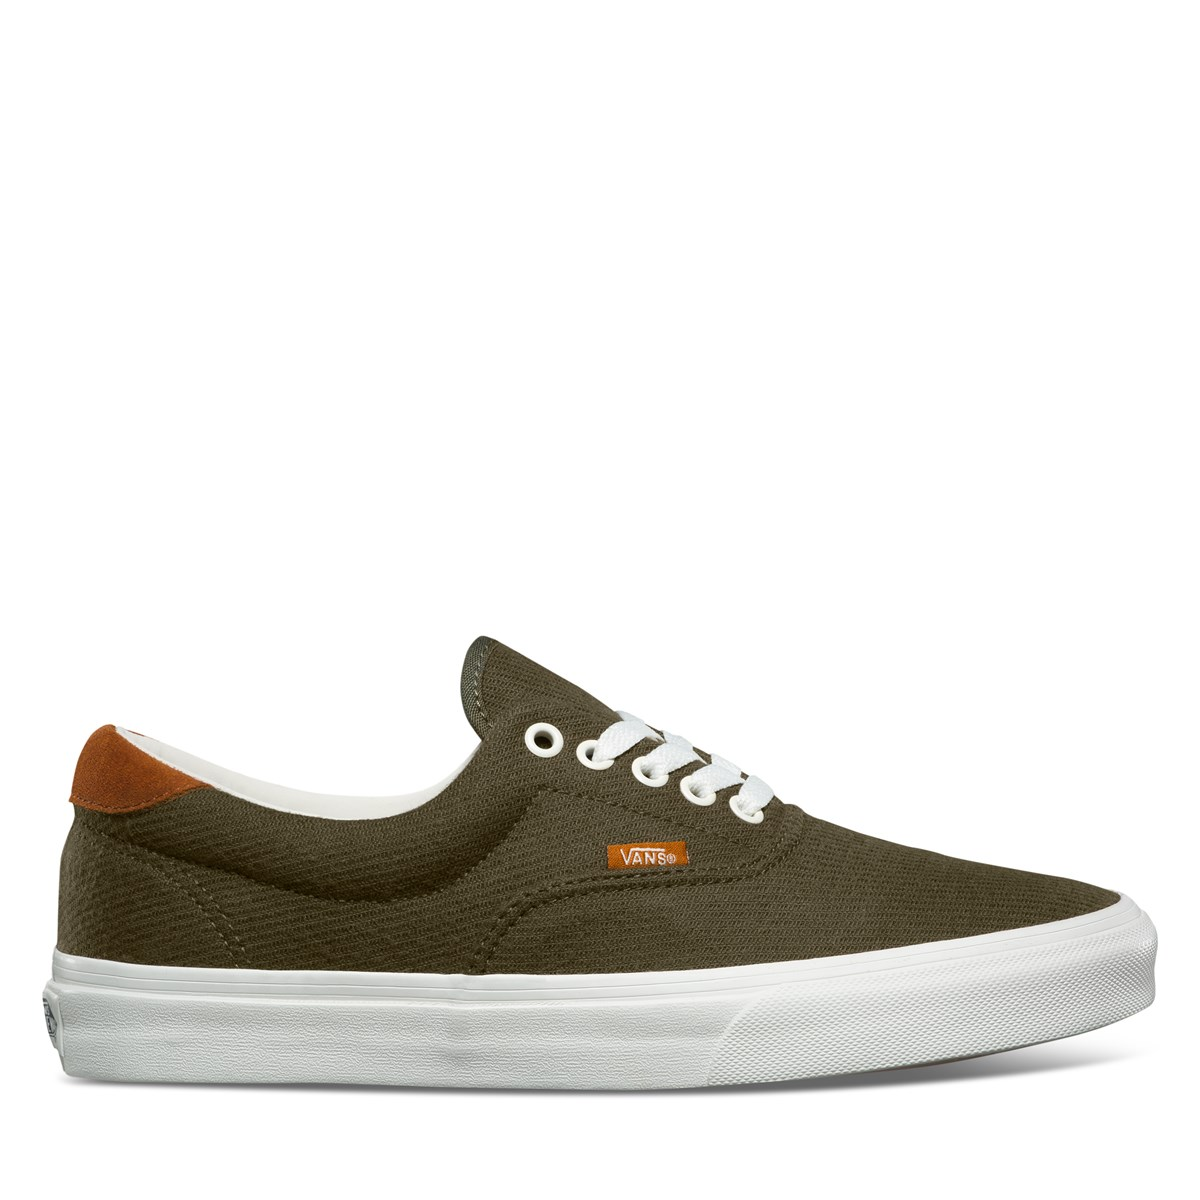 Men's Era 59 Sneakers in Khaki